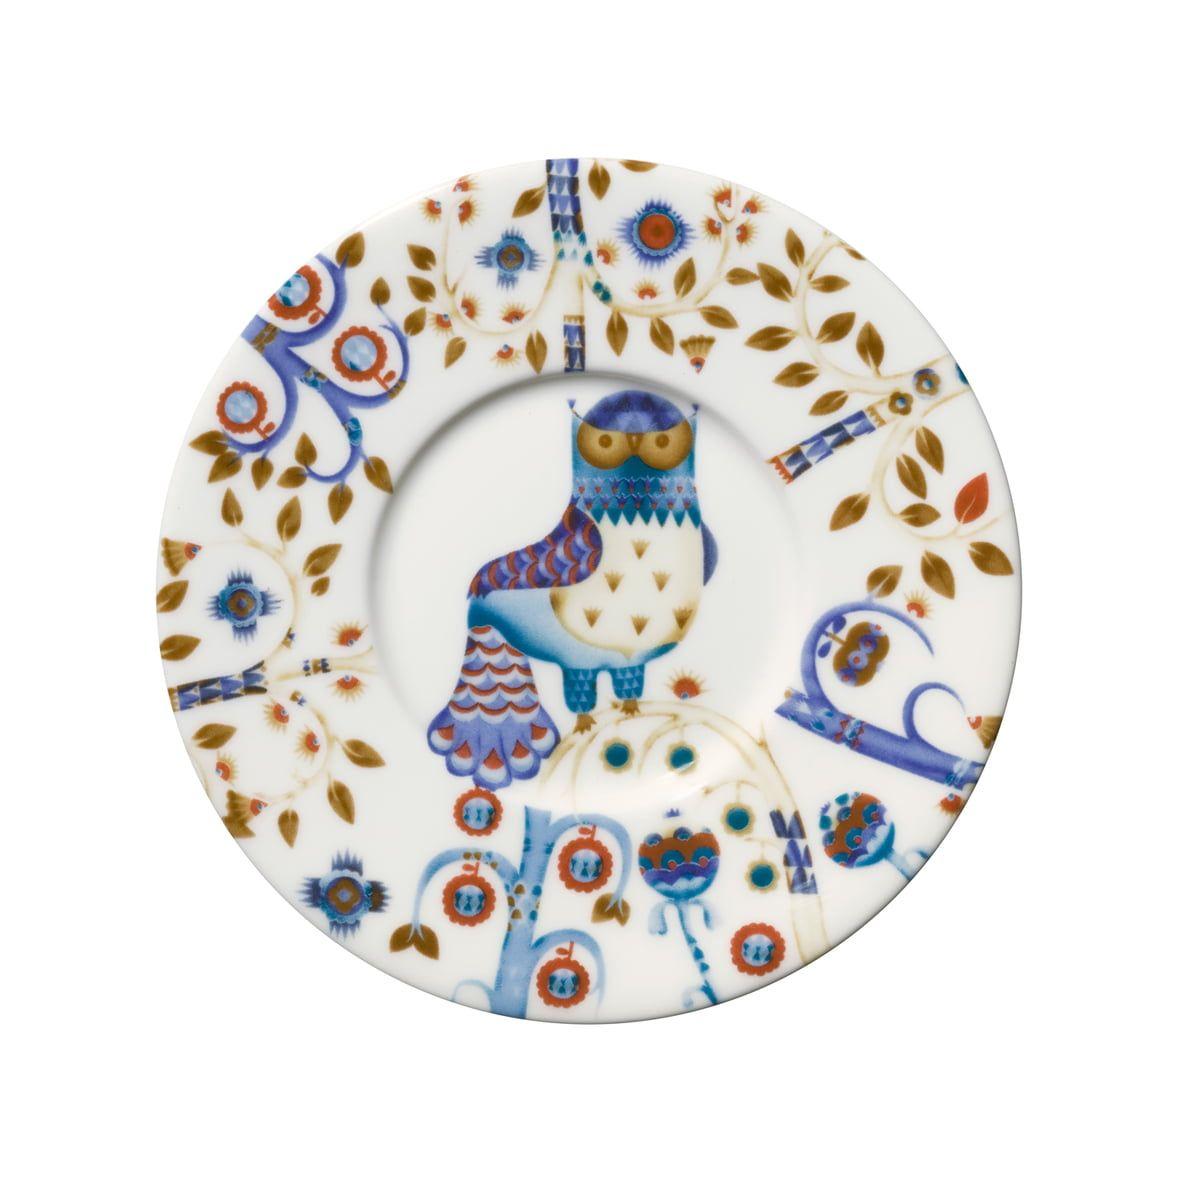 Taika Geschirr in Weiß von Iittala | Connox